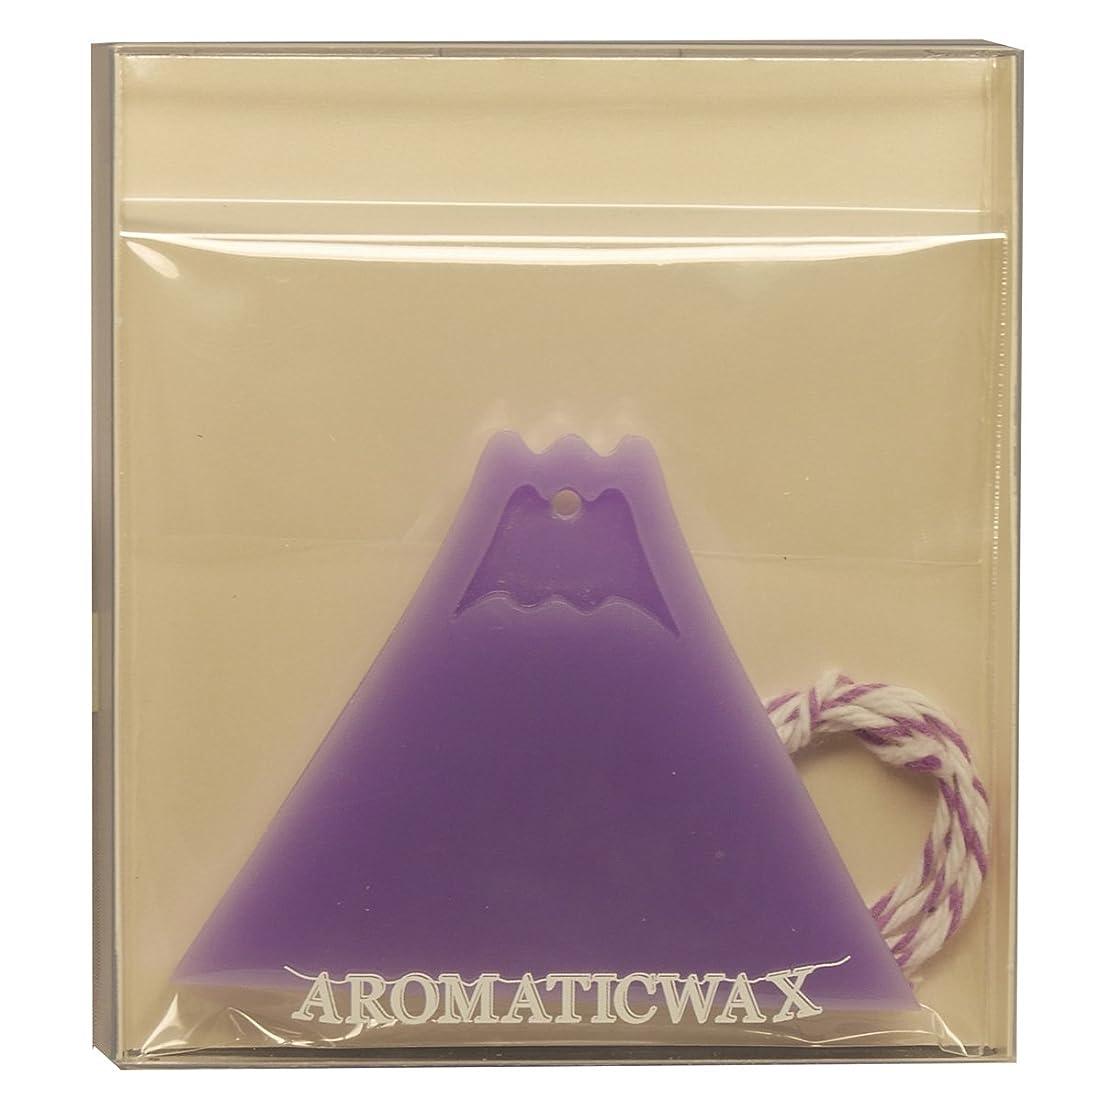 しかしながら相談の前でGRASSE TOKYO AROMATICWAXチャーム「富士山」(PU) ラベンダー アロマティックワックス グラーストウキョウ